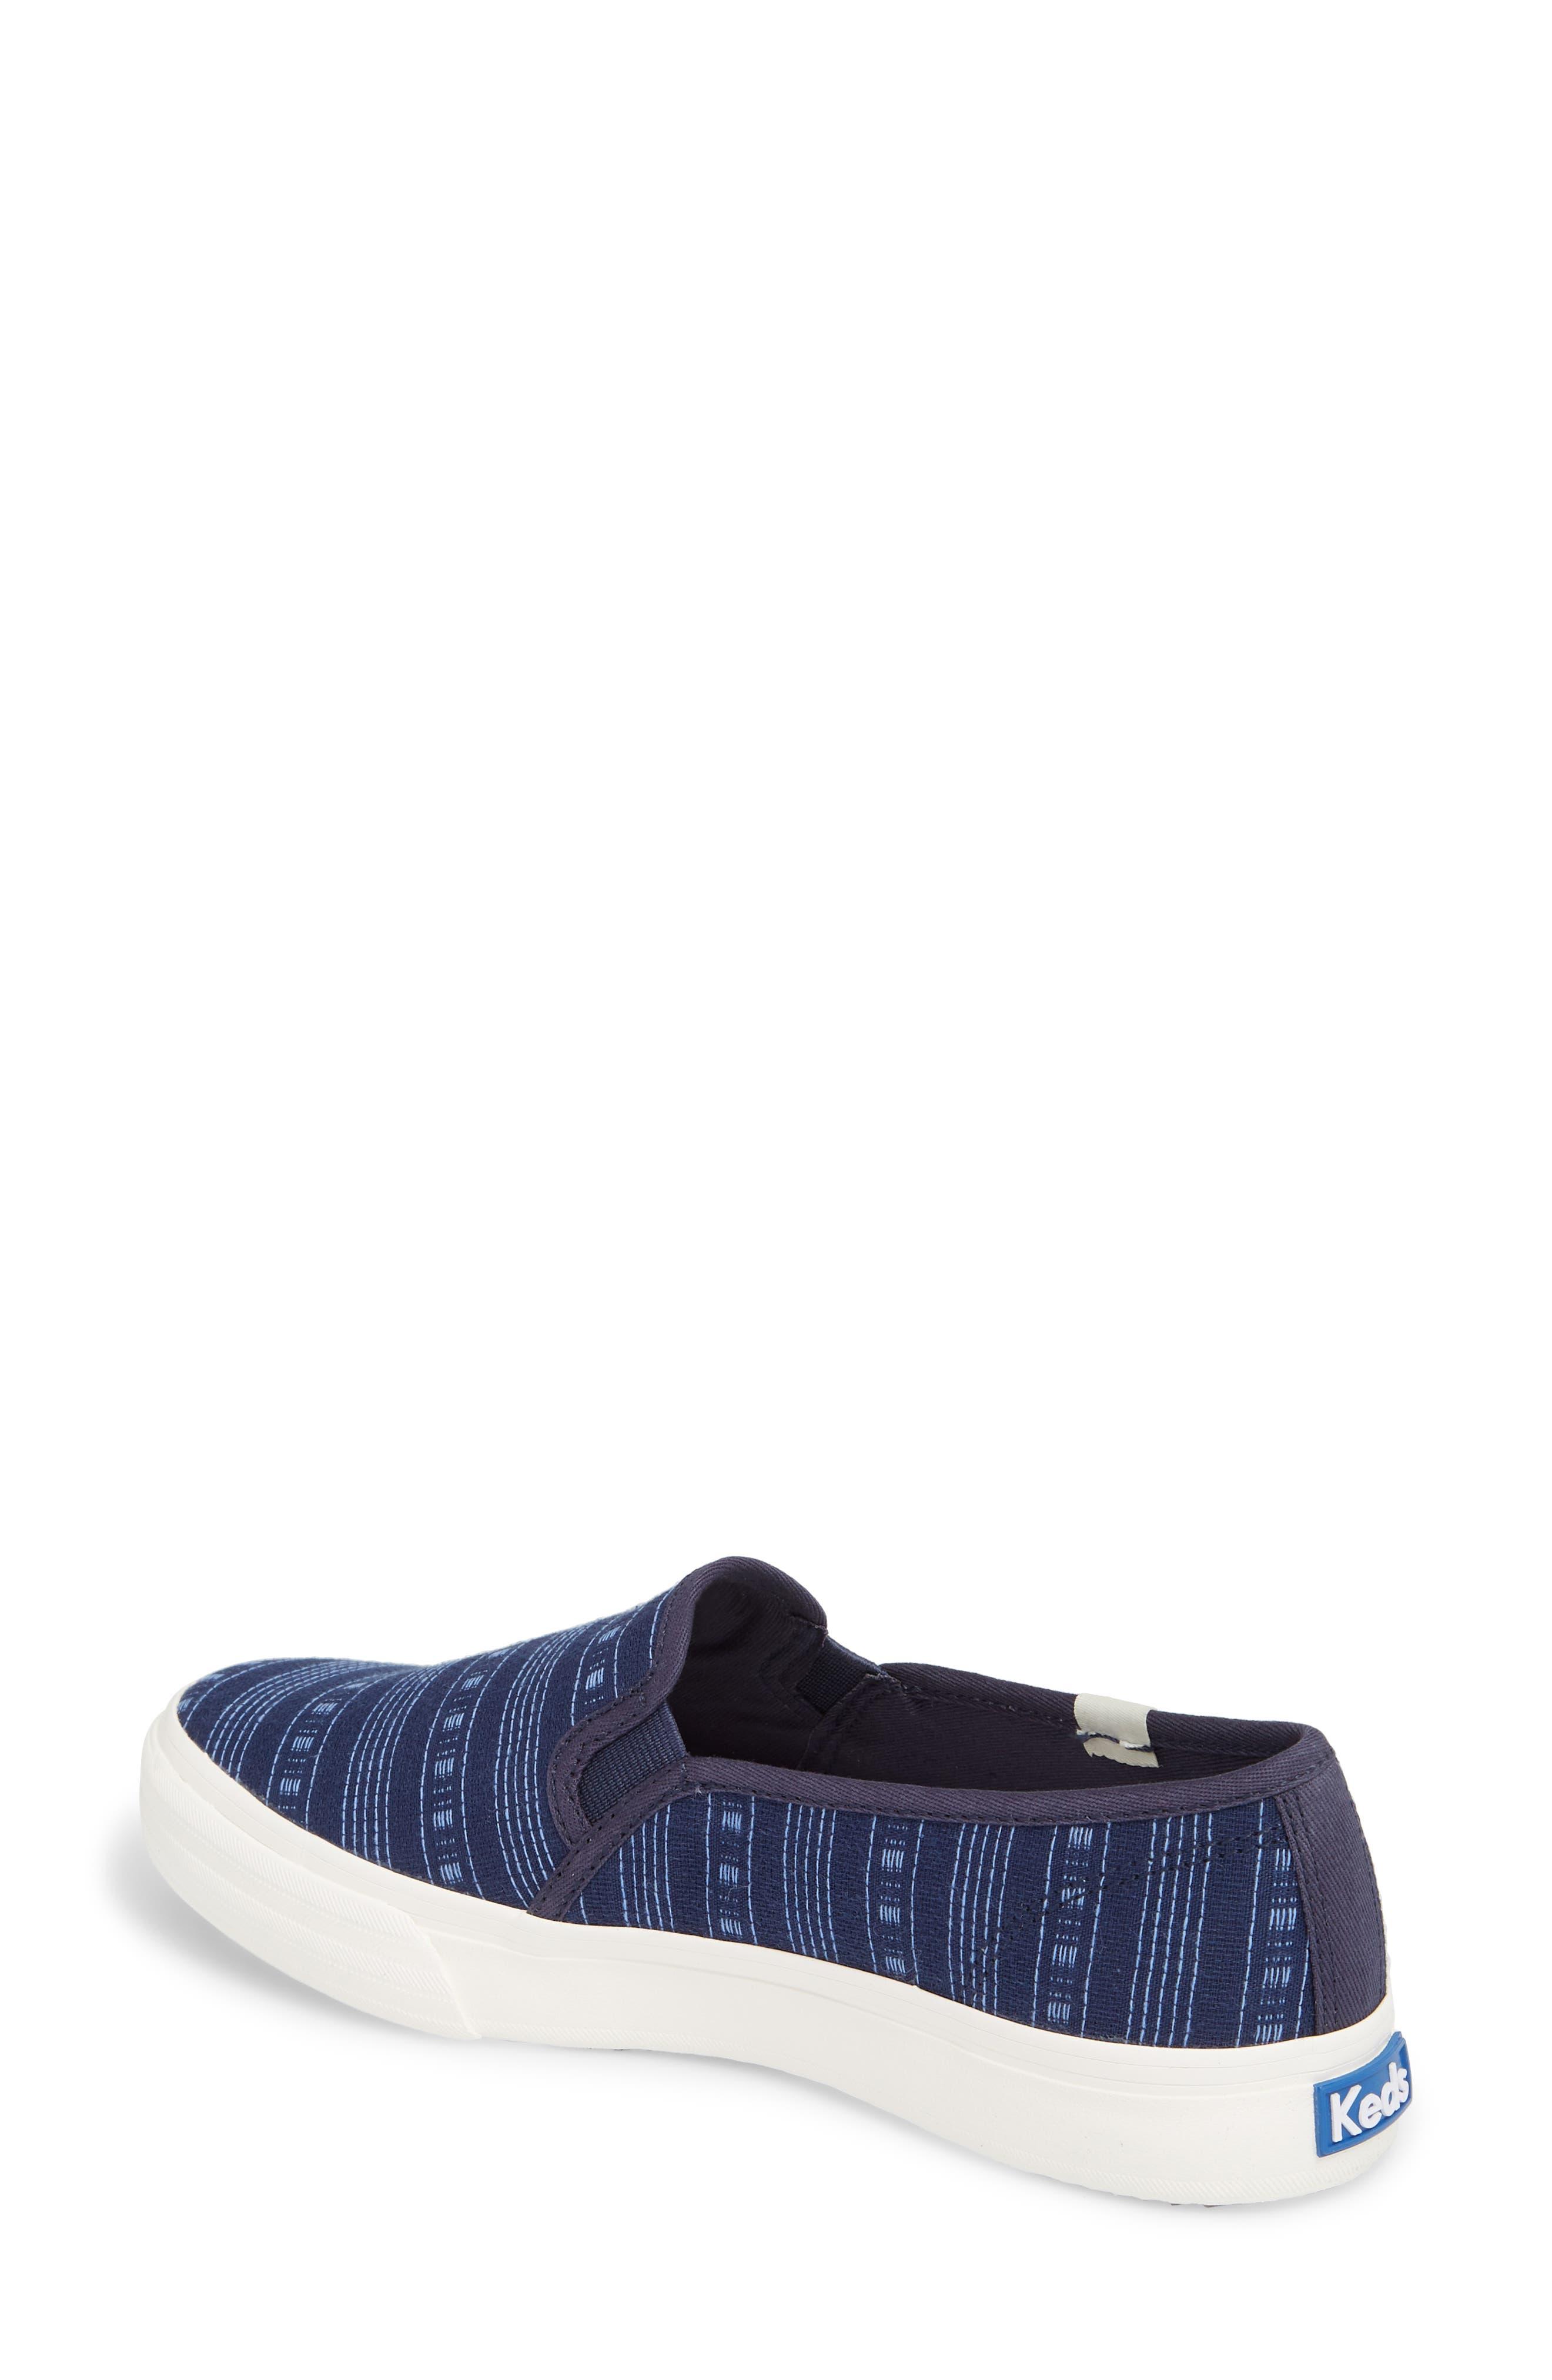 Alternate Image 2  - Keds® Double Decker Summer Stripe Slip-On Sneaker (Women)